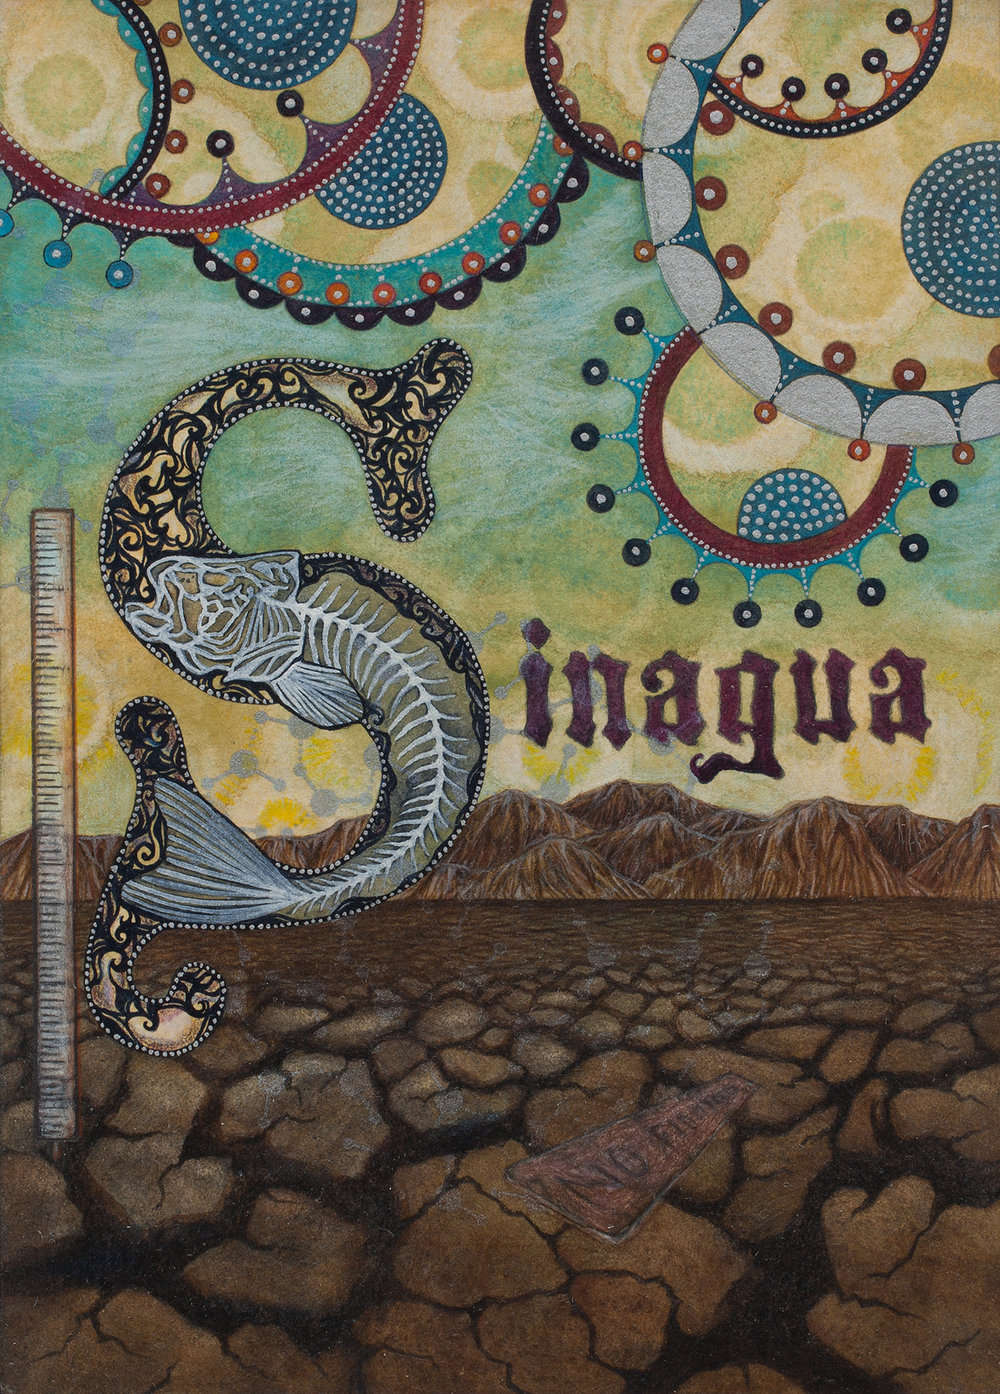 ● Sinagua